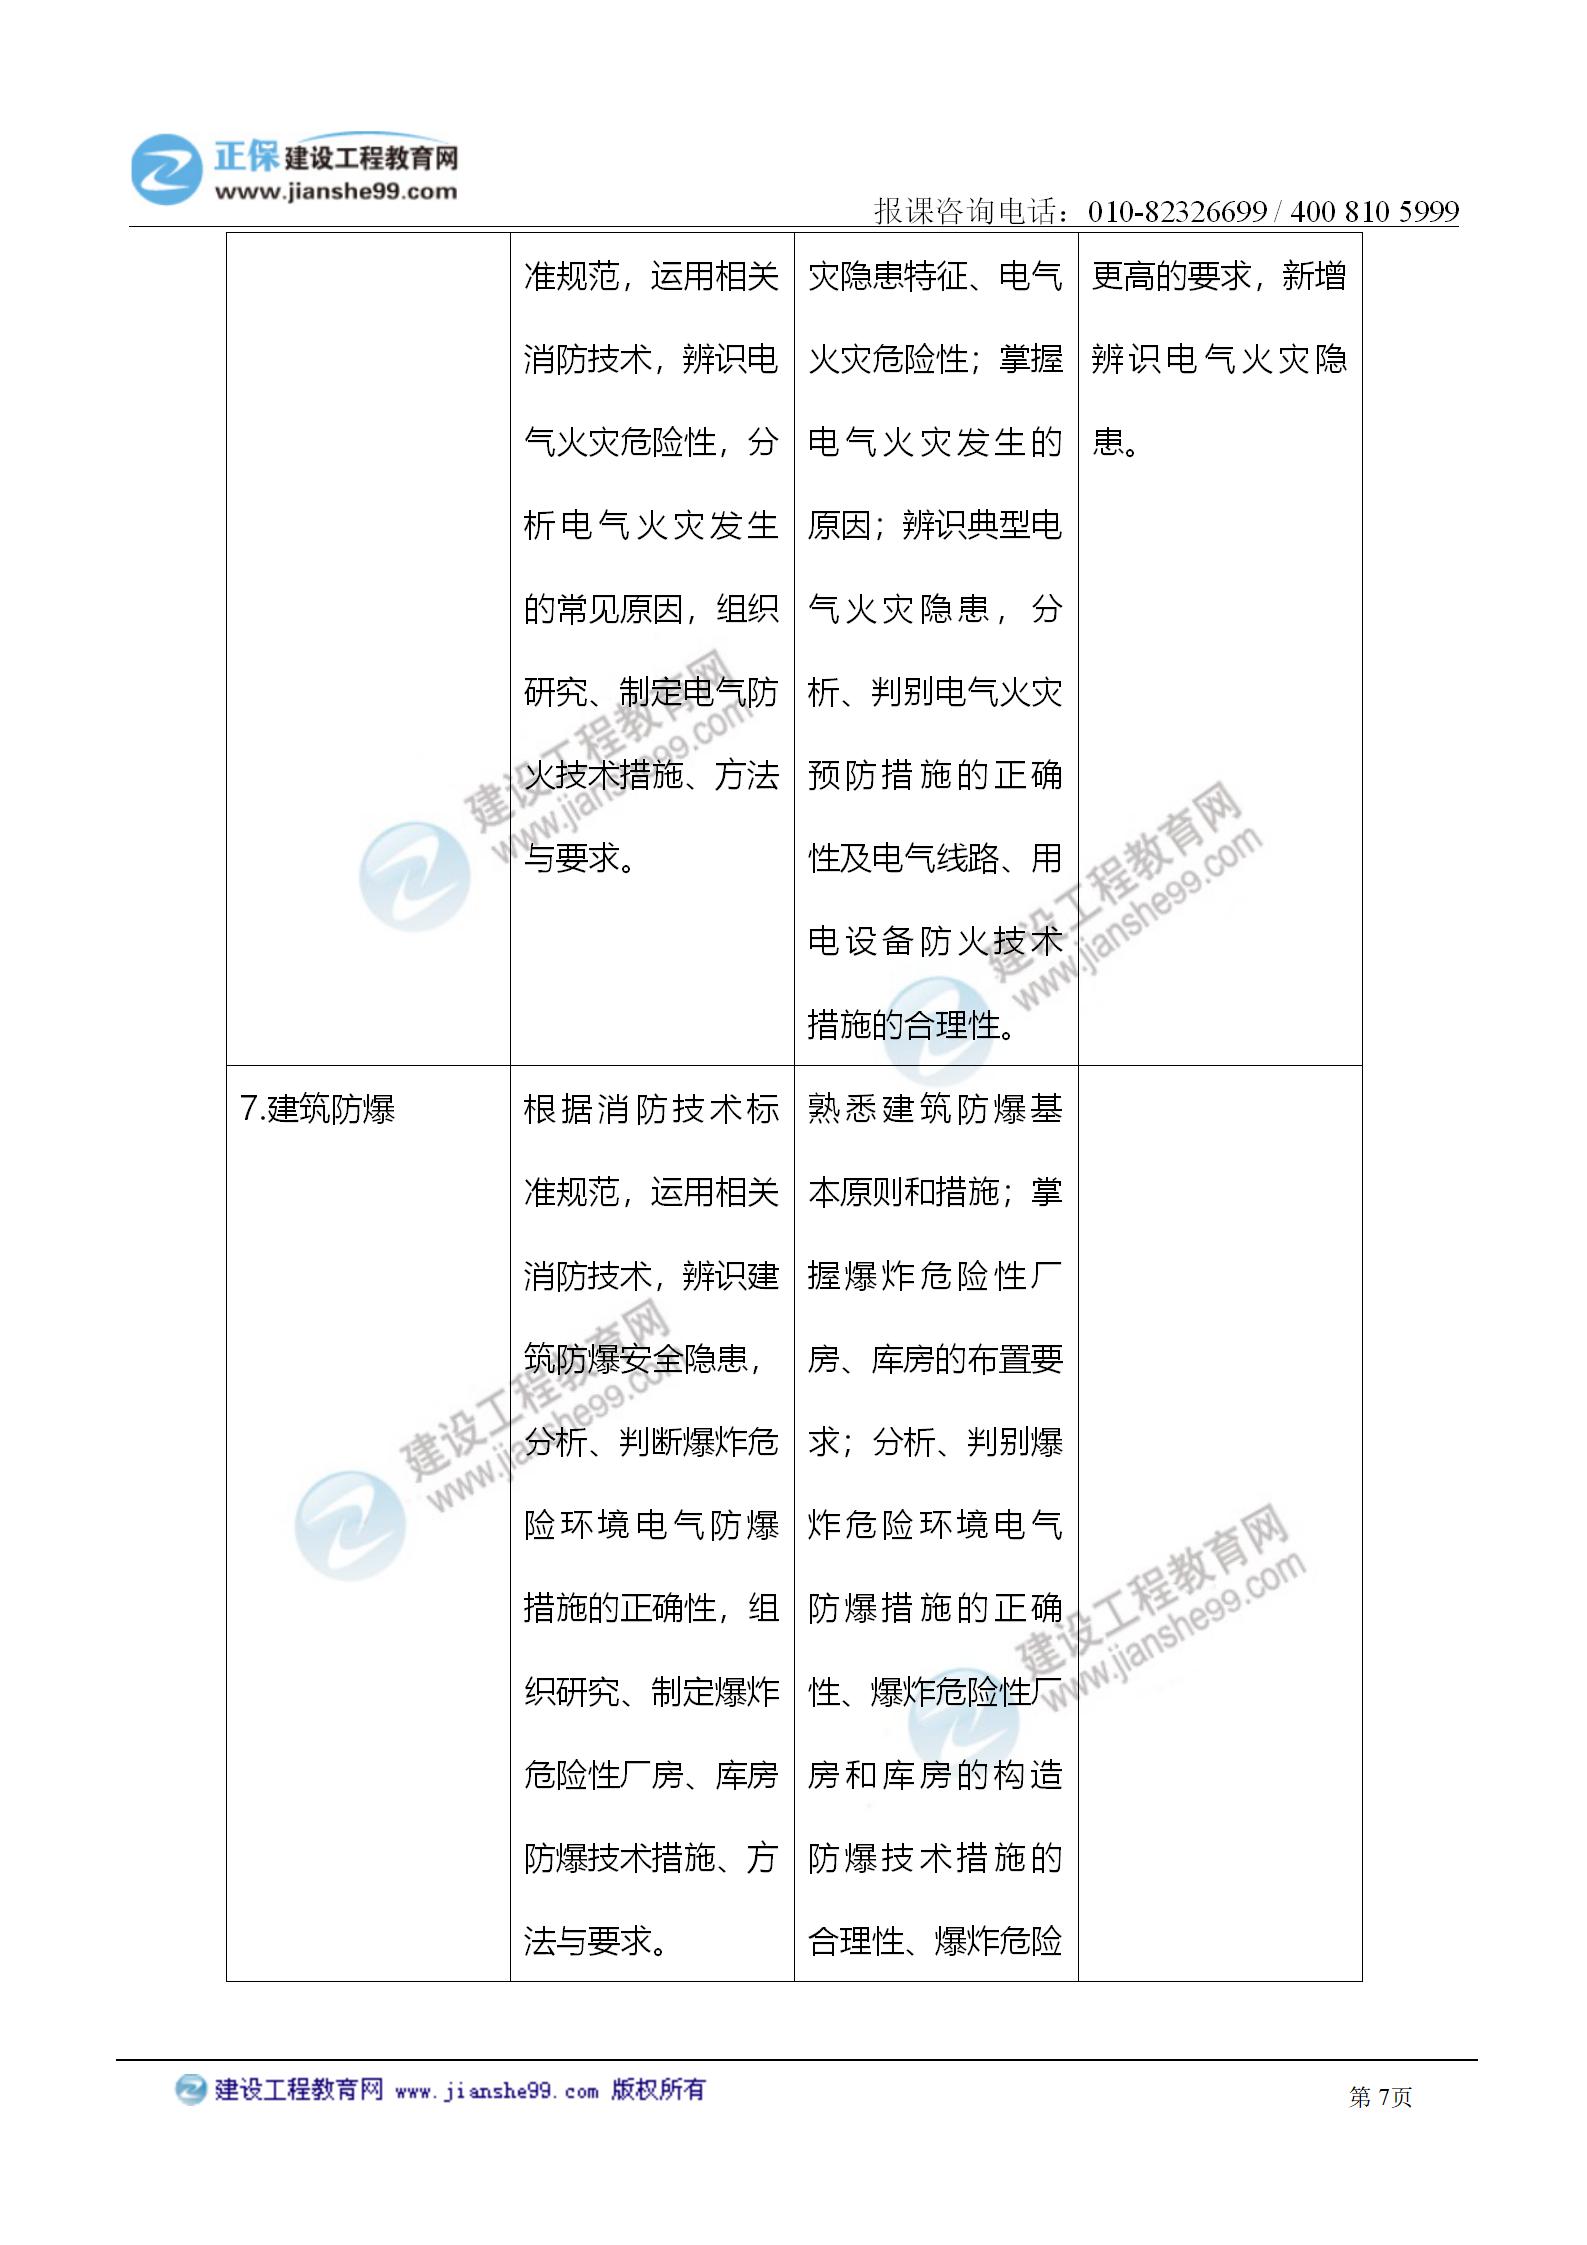 2021注册消防工程师《技术实务》考试大纲变化情况_07